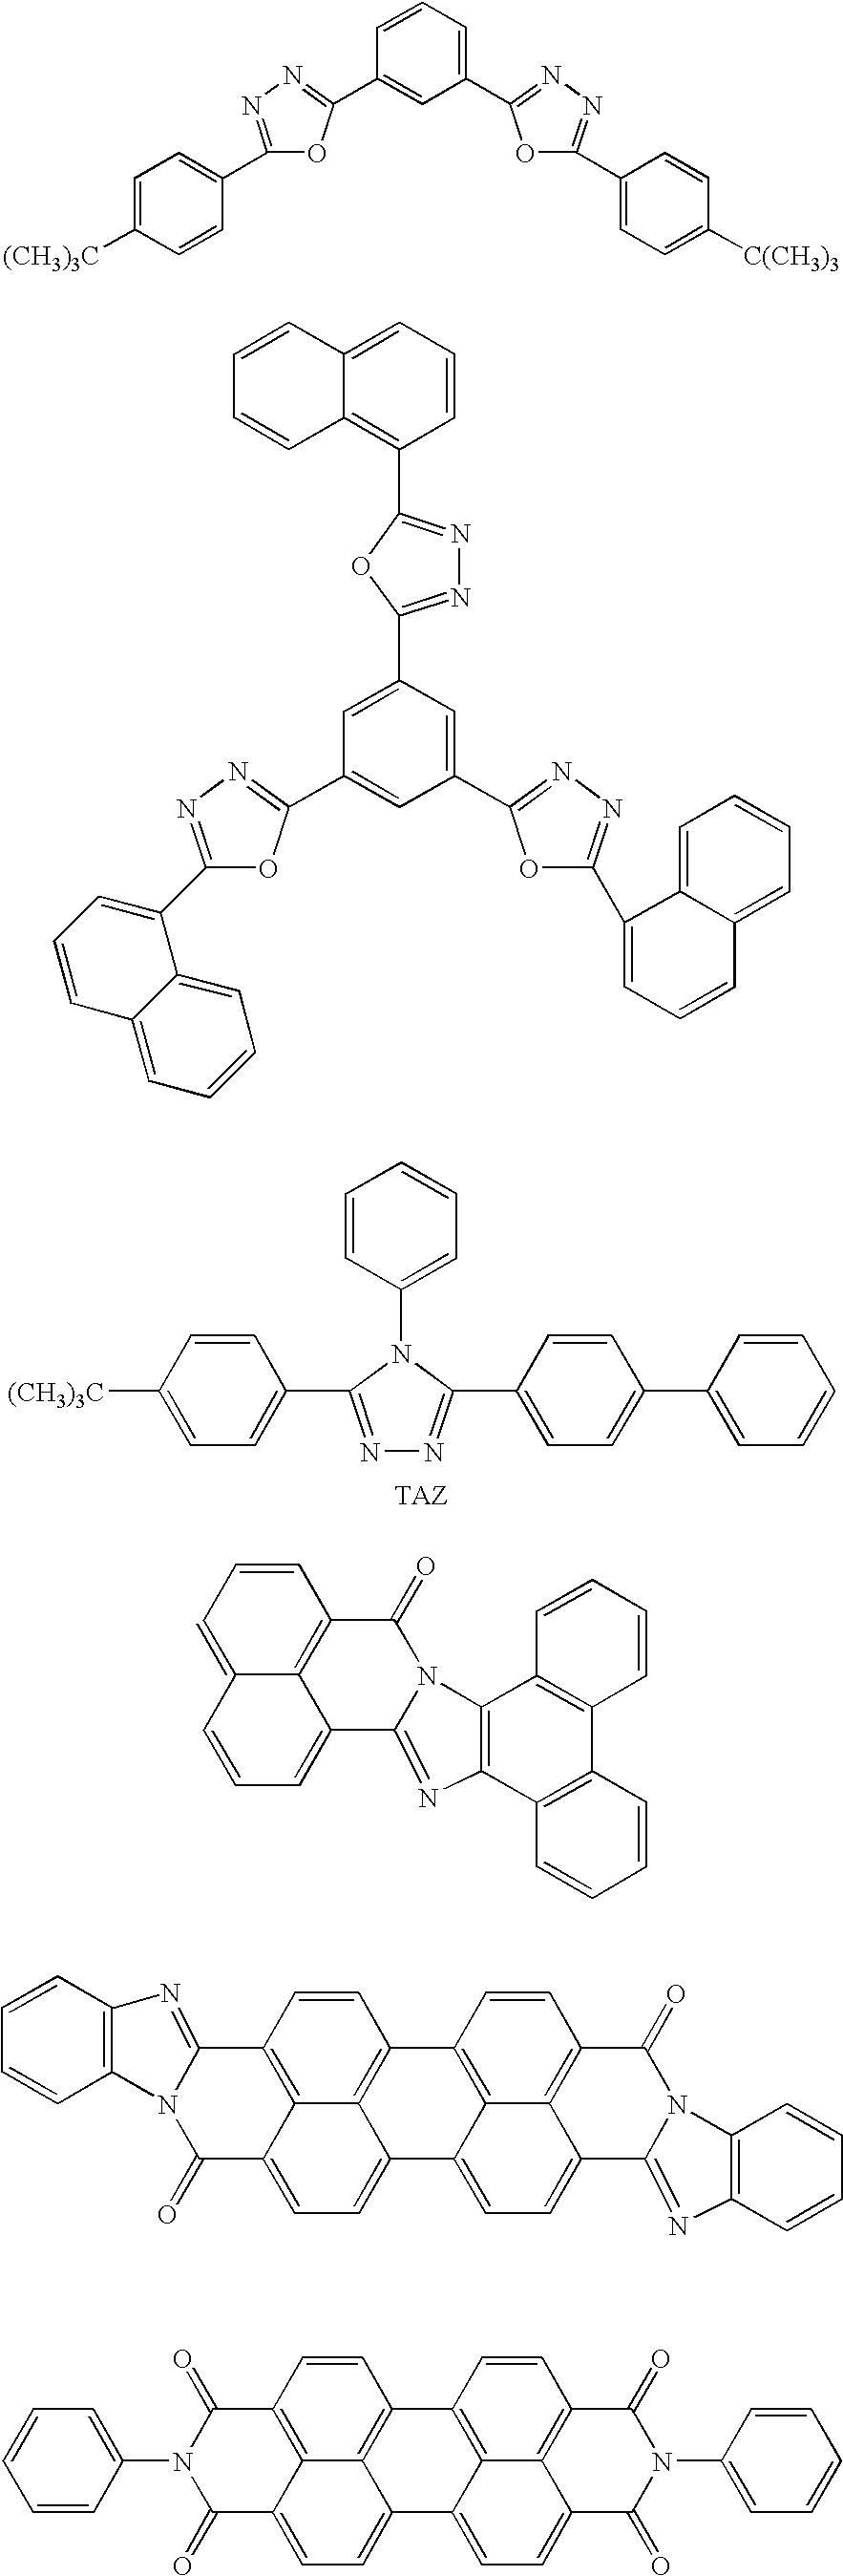 Figure US20060113528A1-20060601-C00026